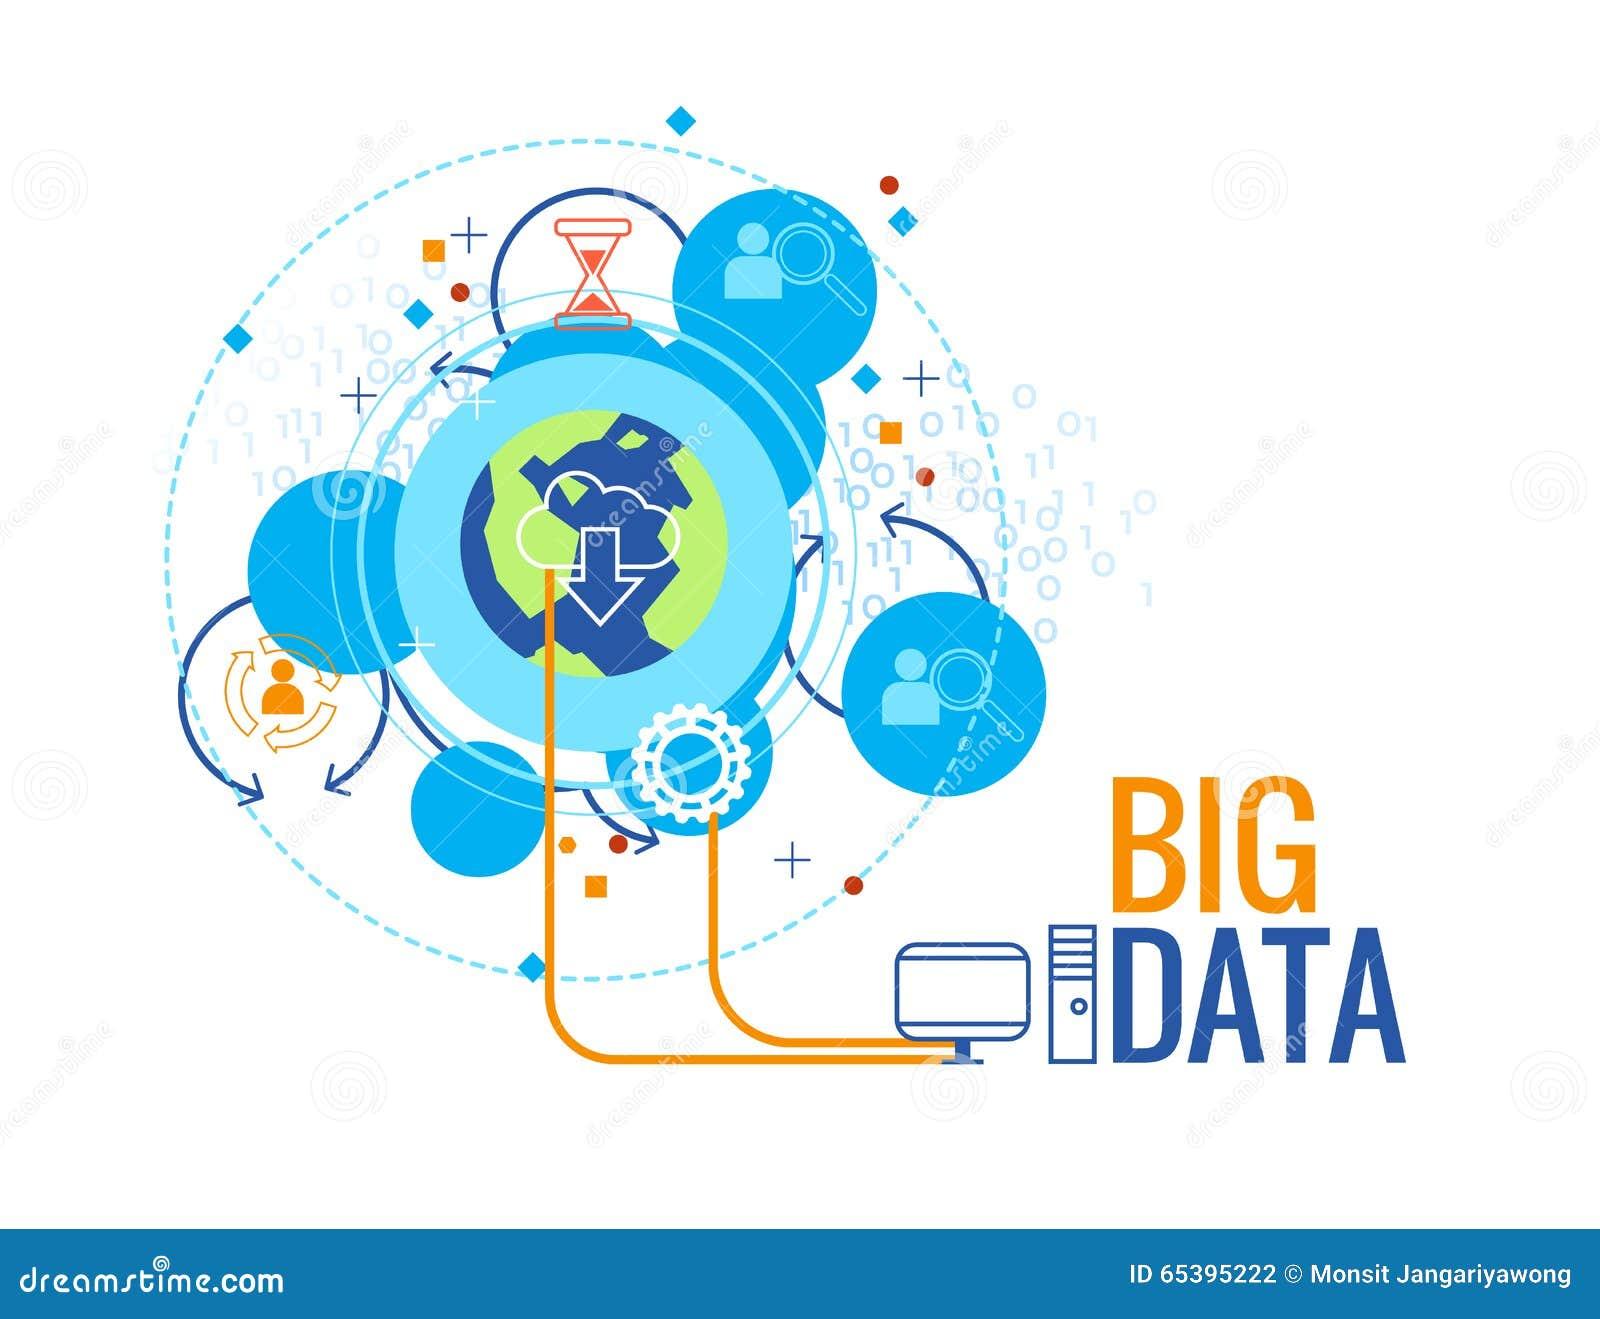 大数据企业概念,信息图表传染媒介例证.图片